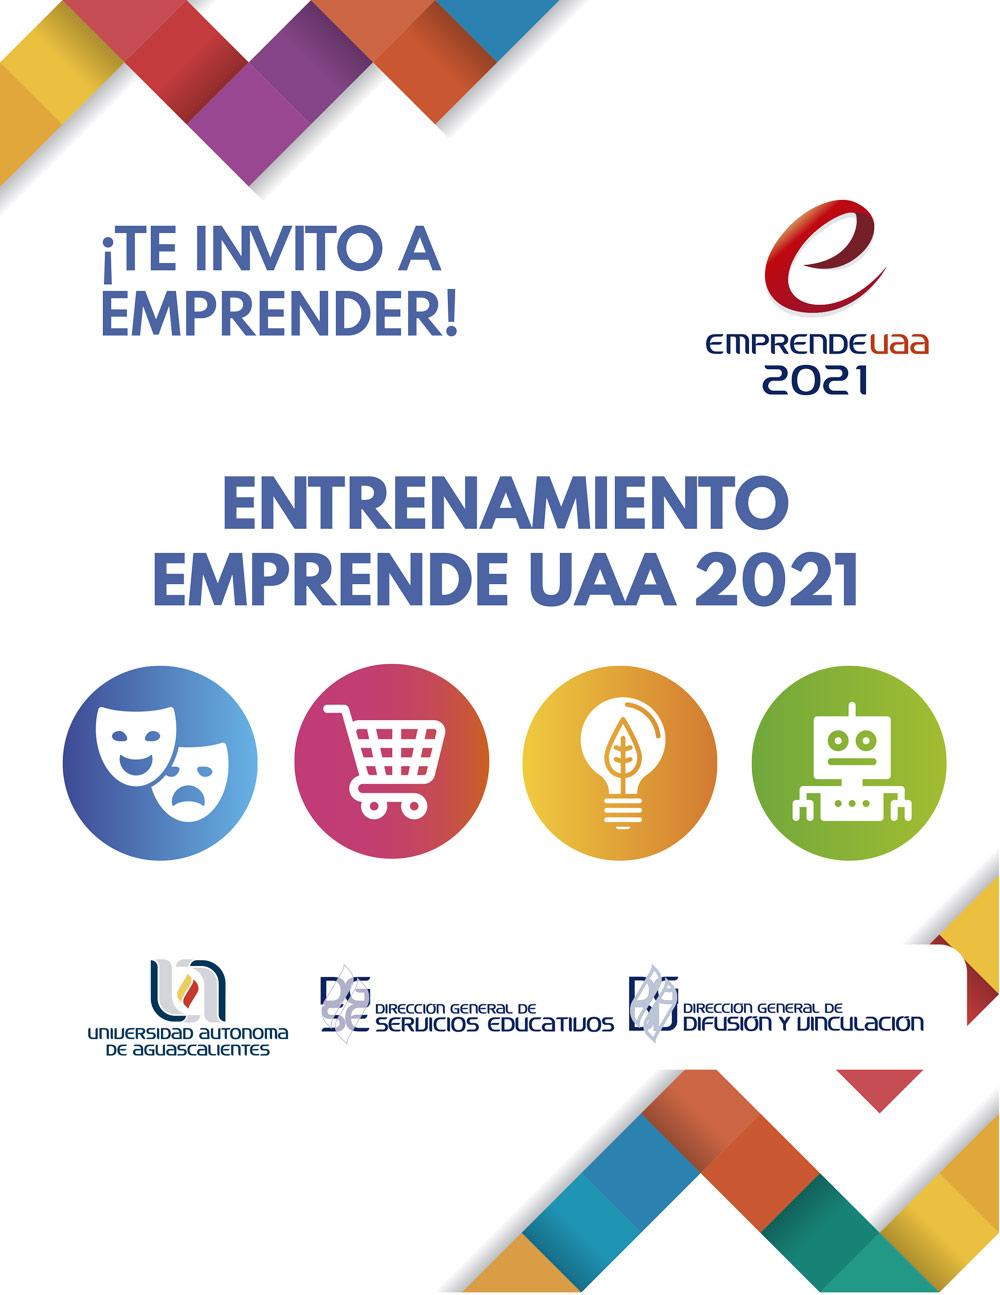 ¿Quieres Emprender? Revisa la convocatoria del Entrenamiento Emprende UAA 2021